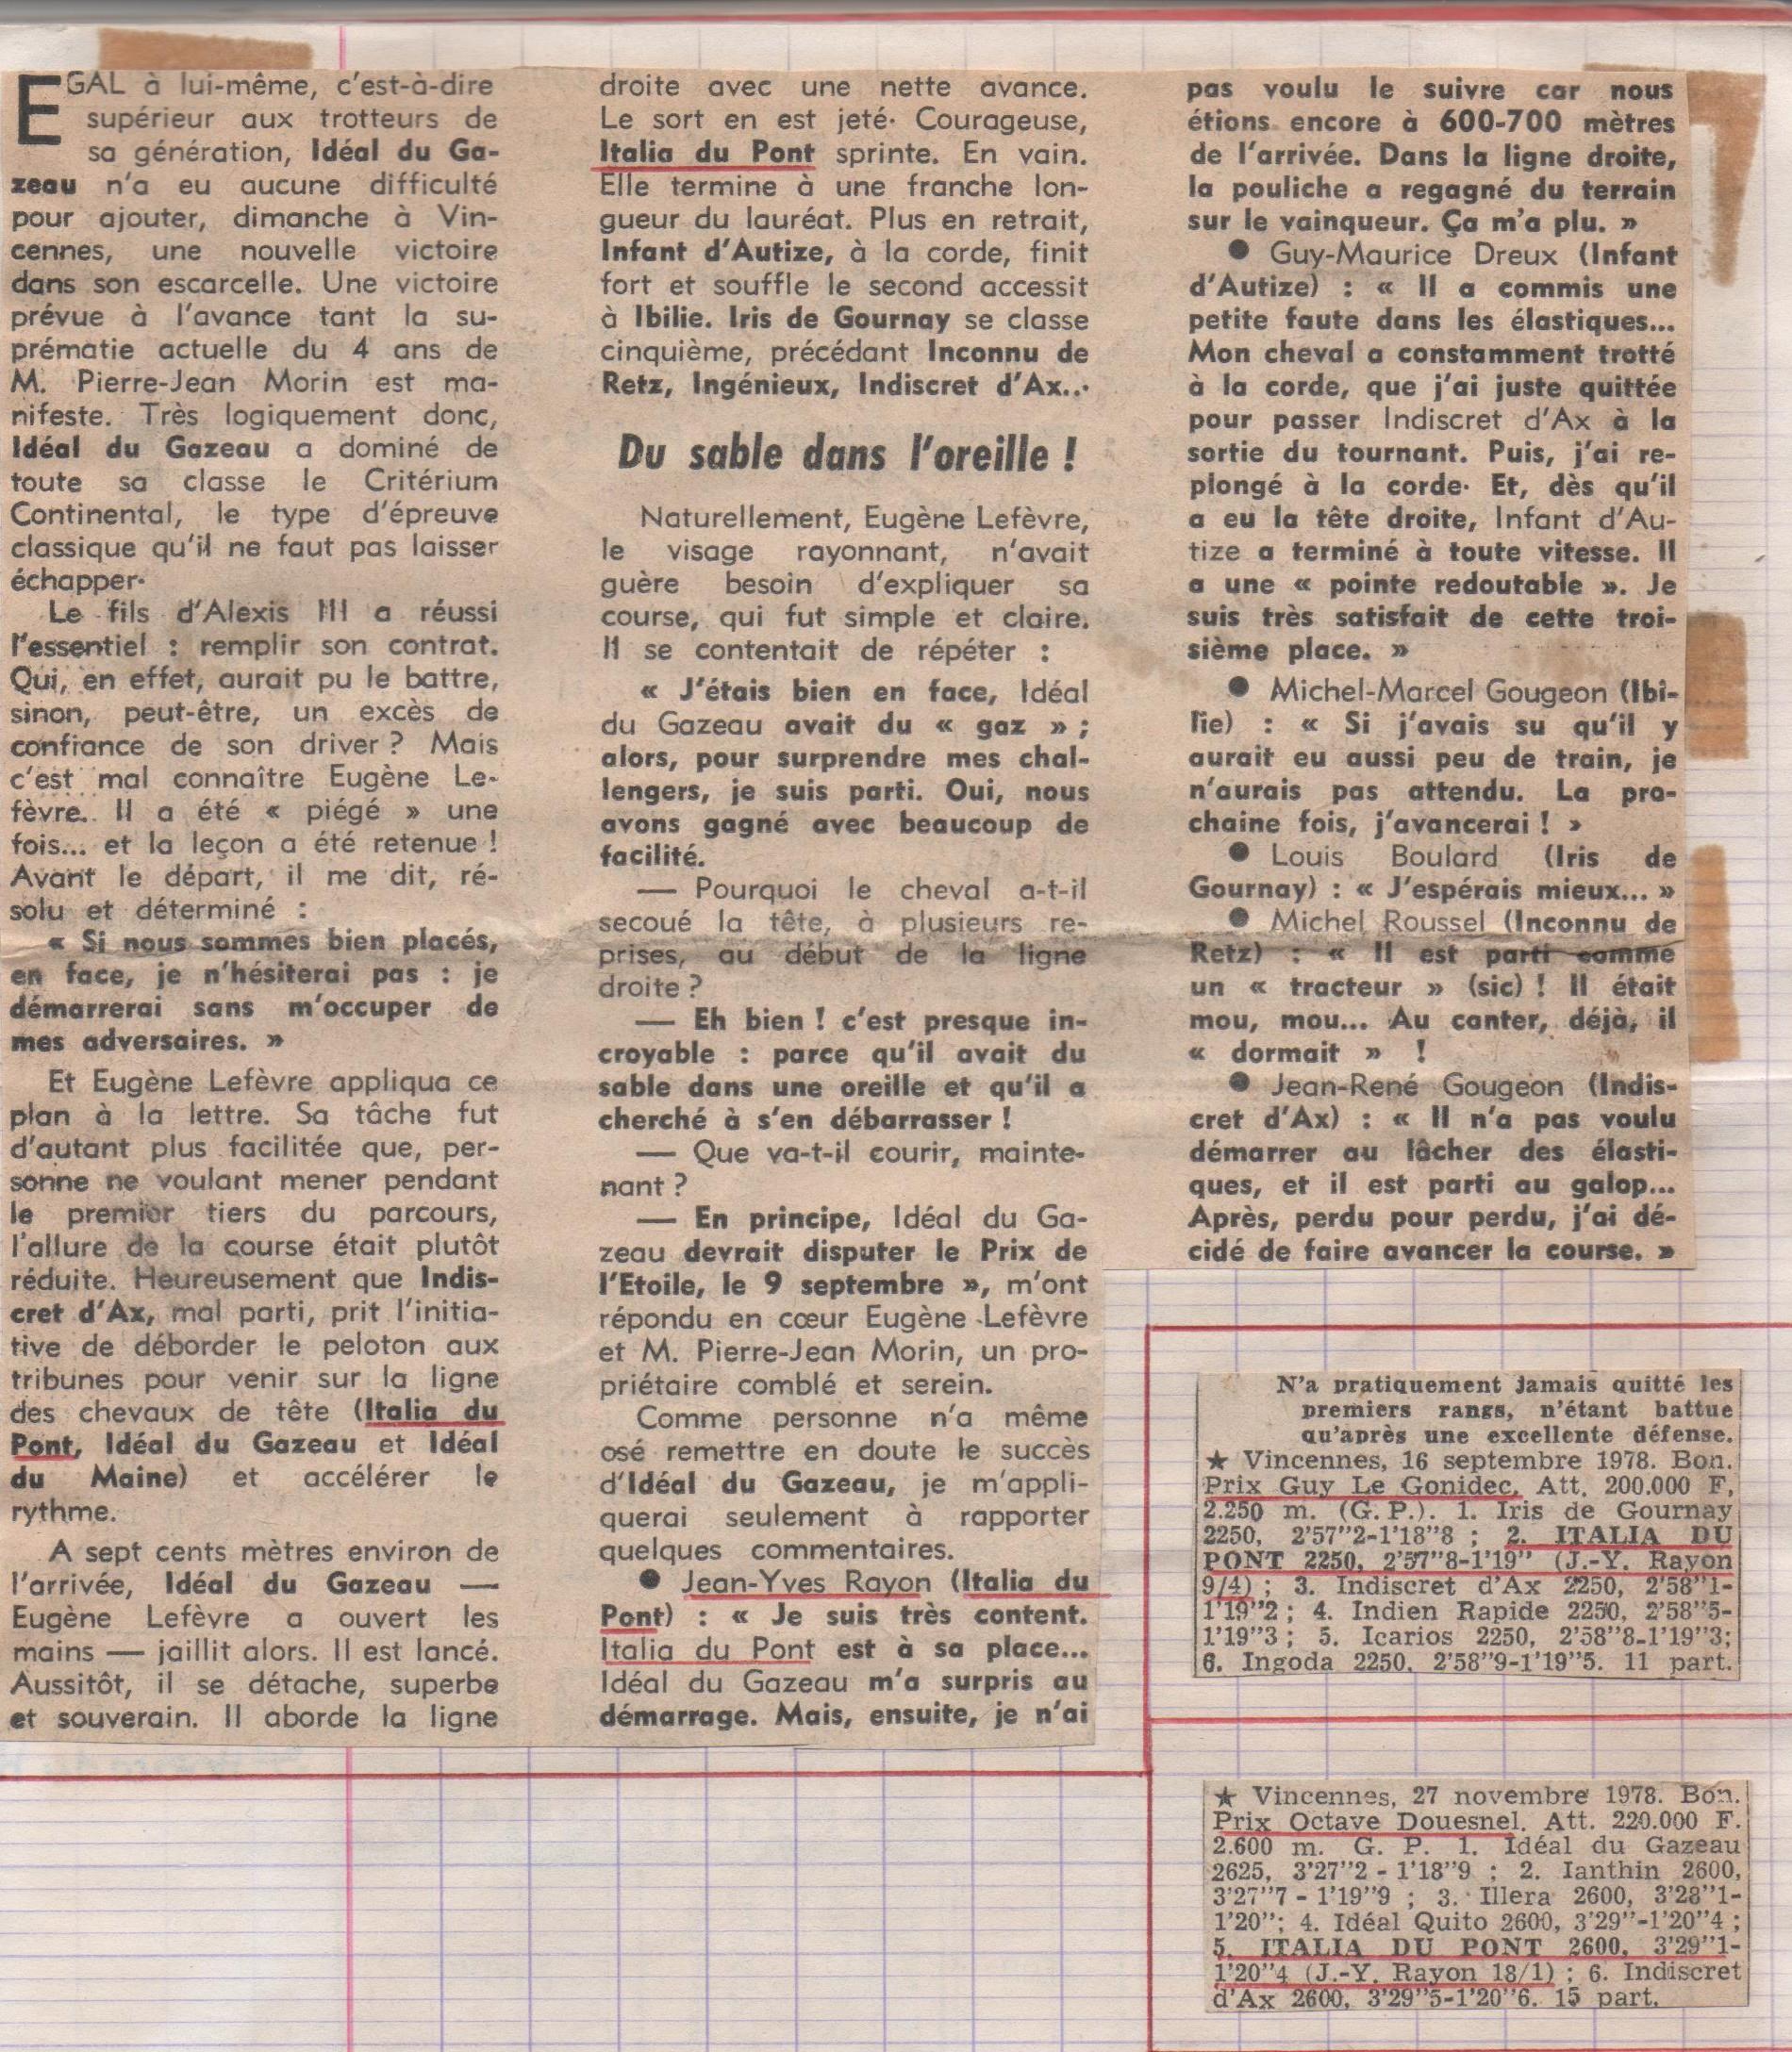 1978 08 27 Italia du Pont Criterium Continental (1)